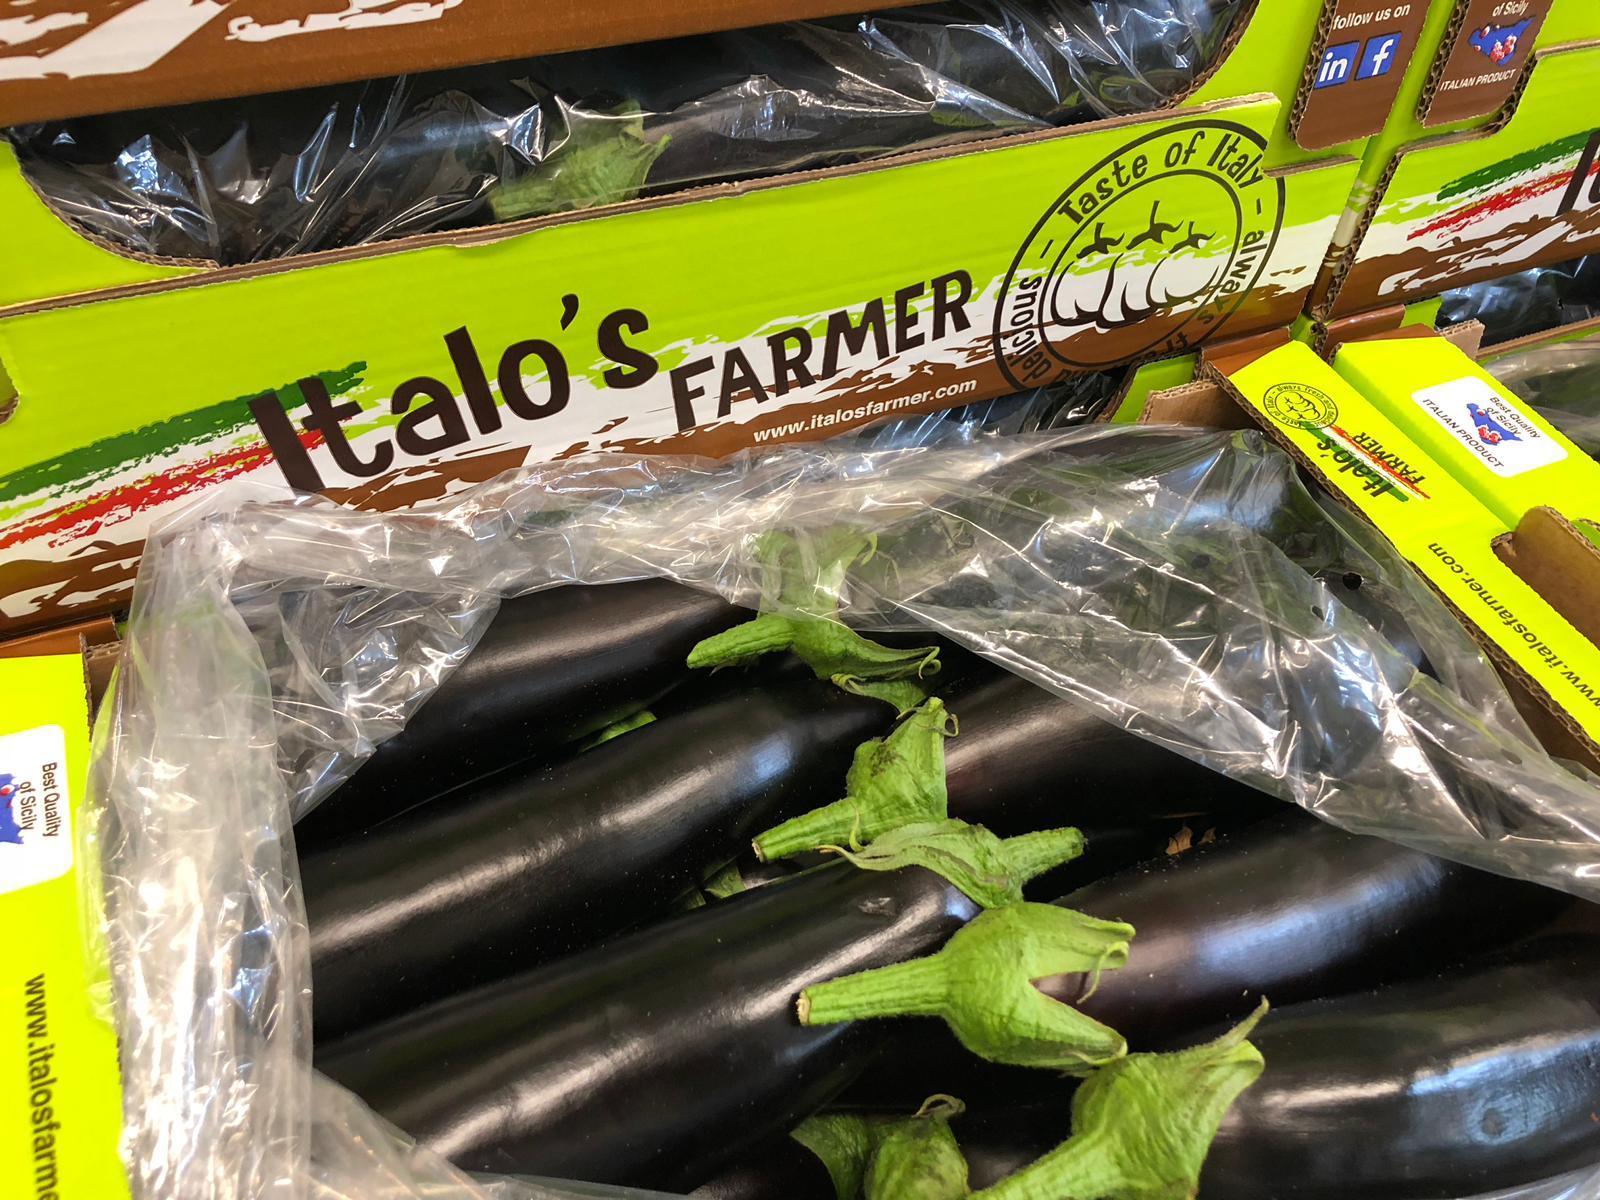 melanzana Italo's Farmer